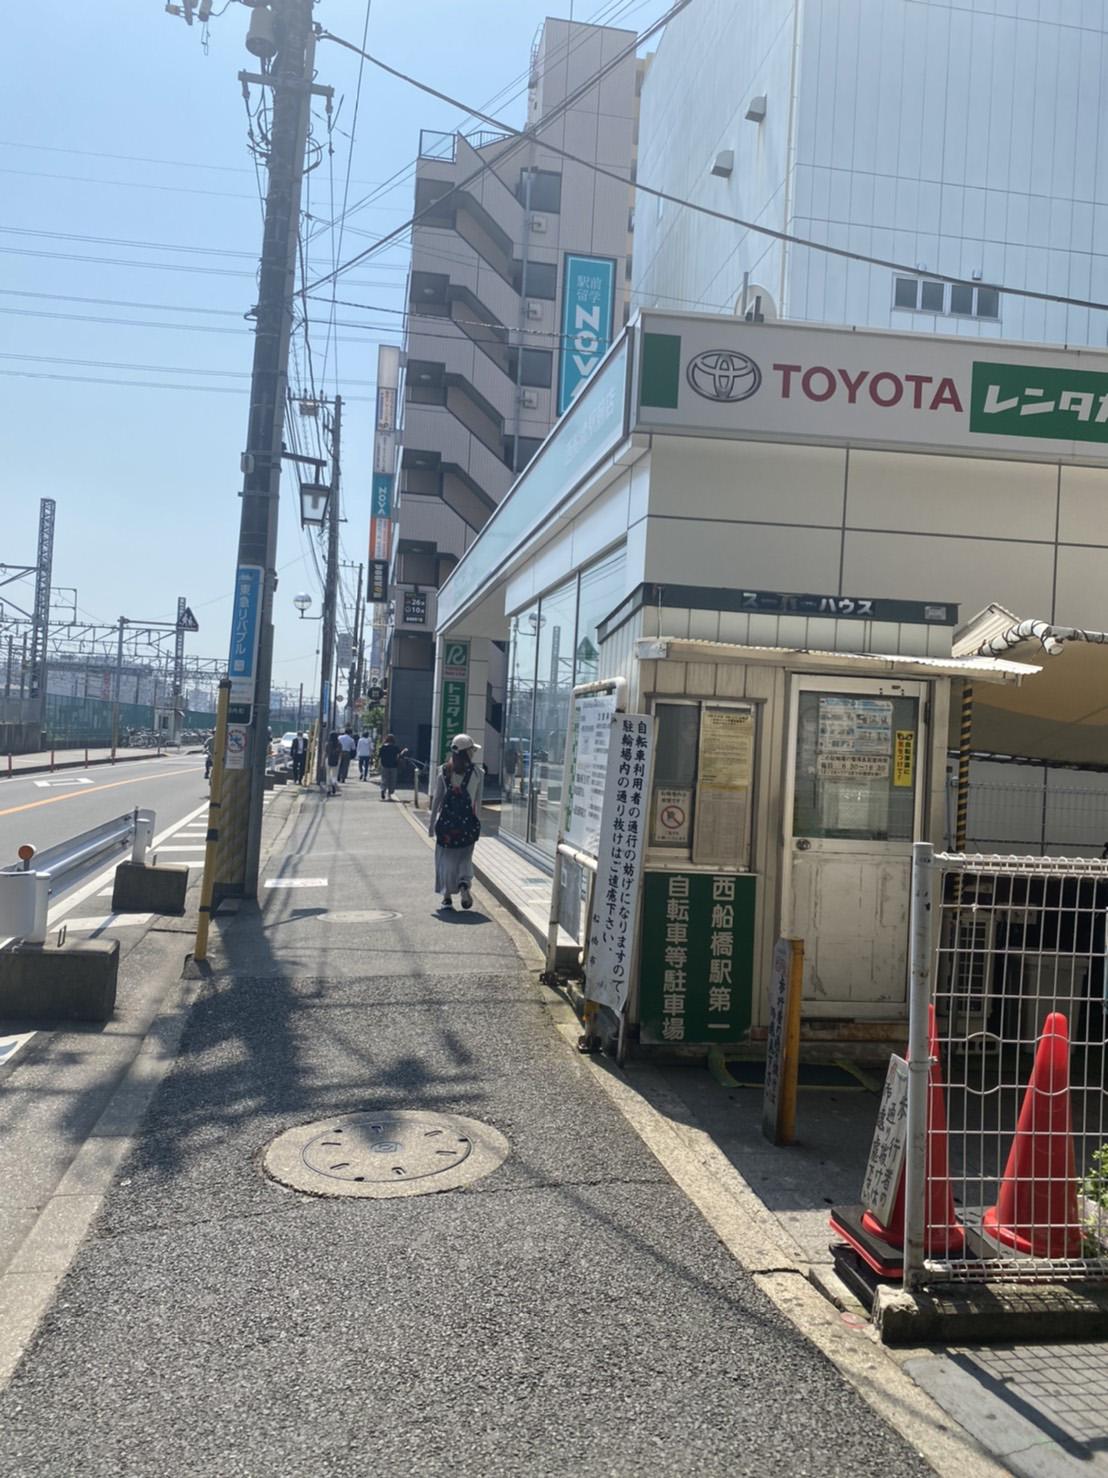 ワイズマートとトヨタがある道路の写真